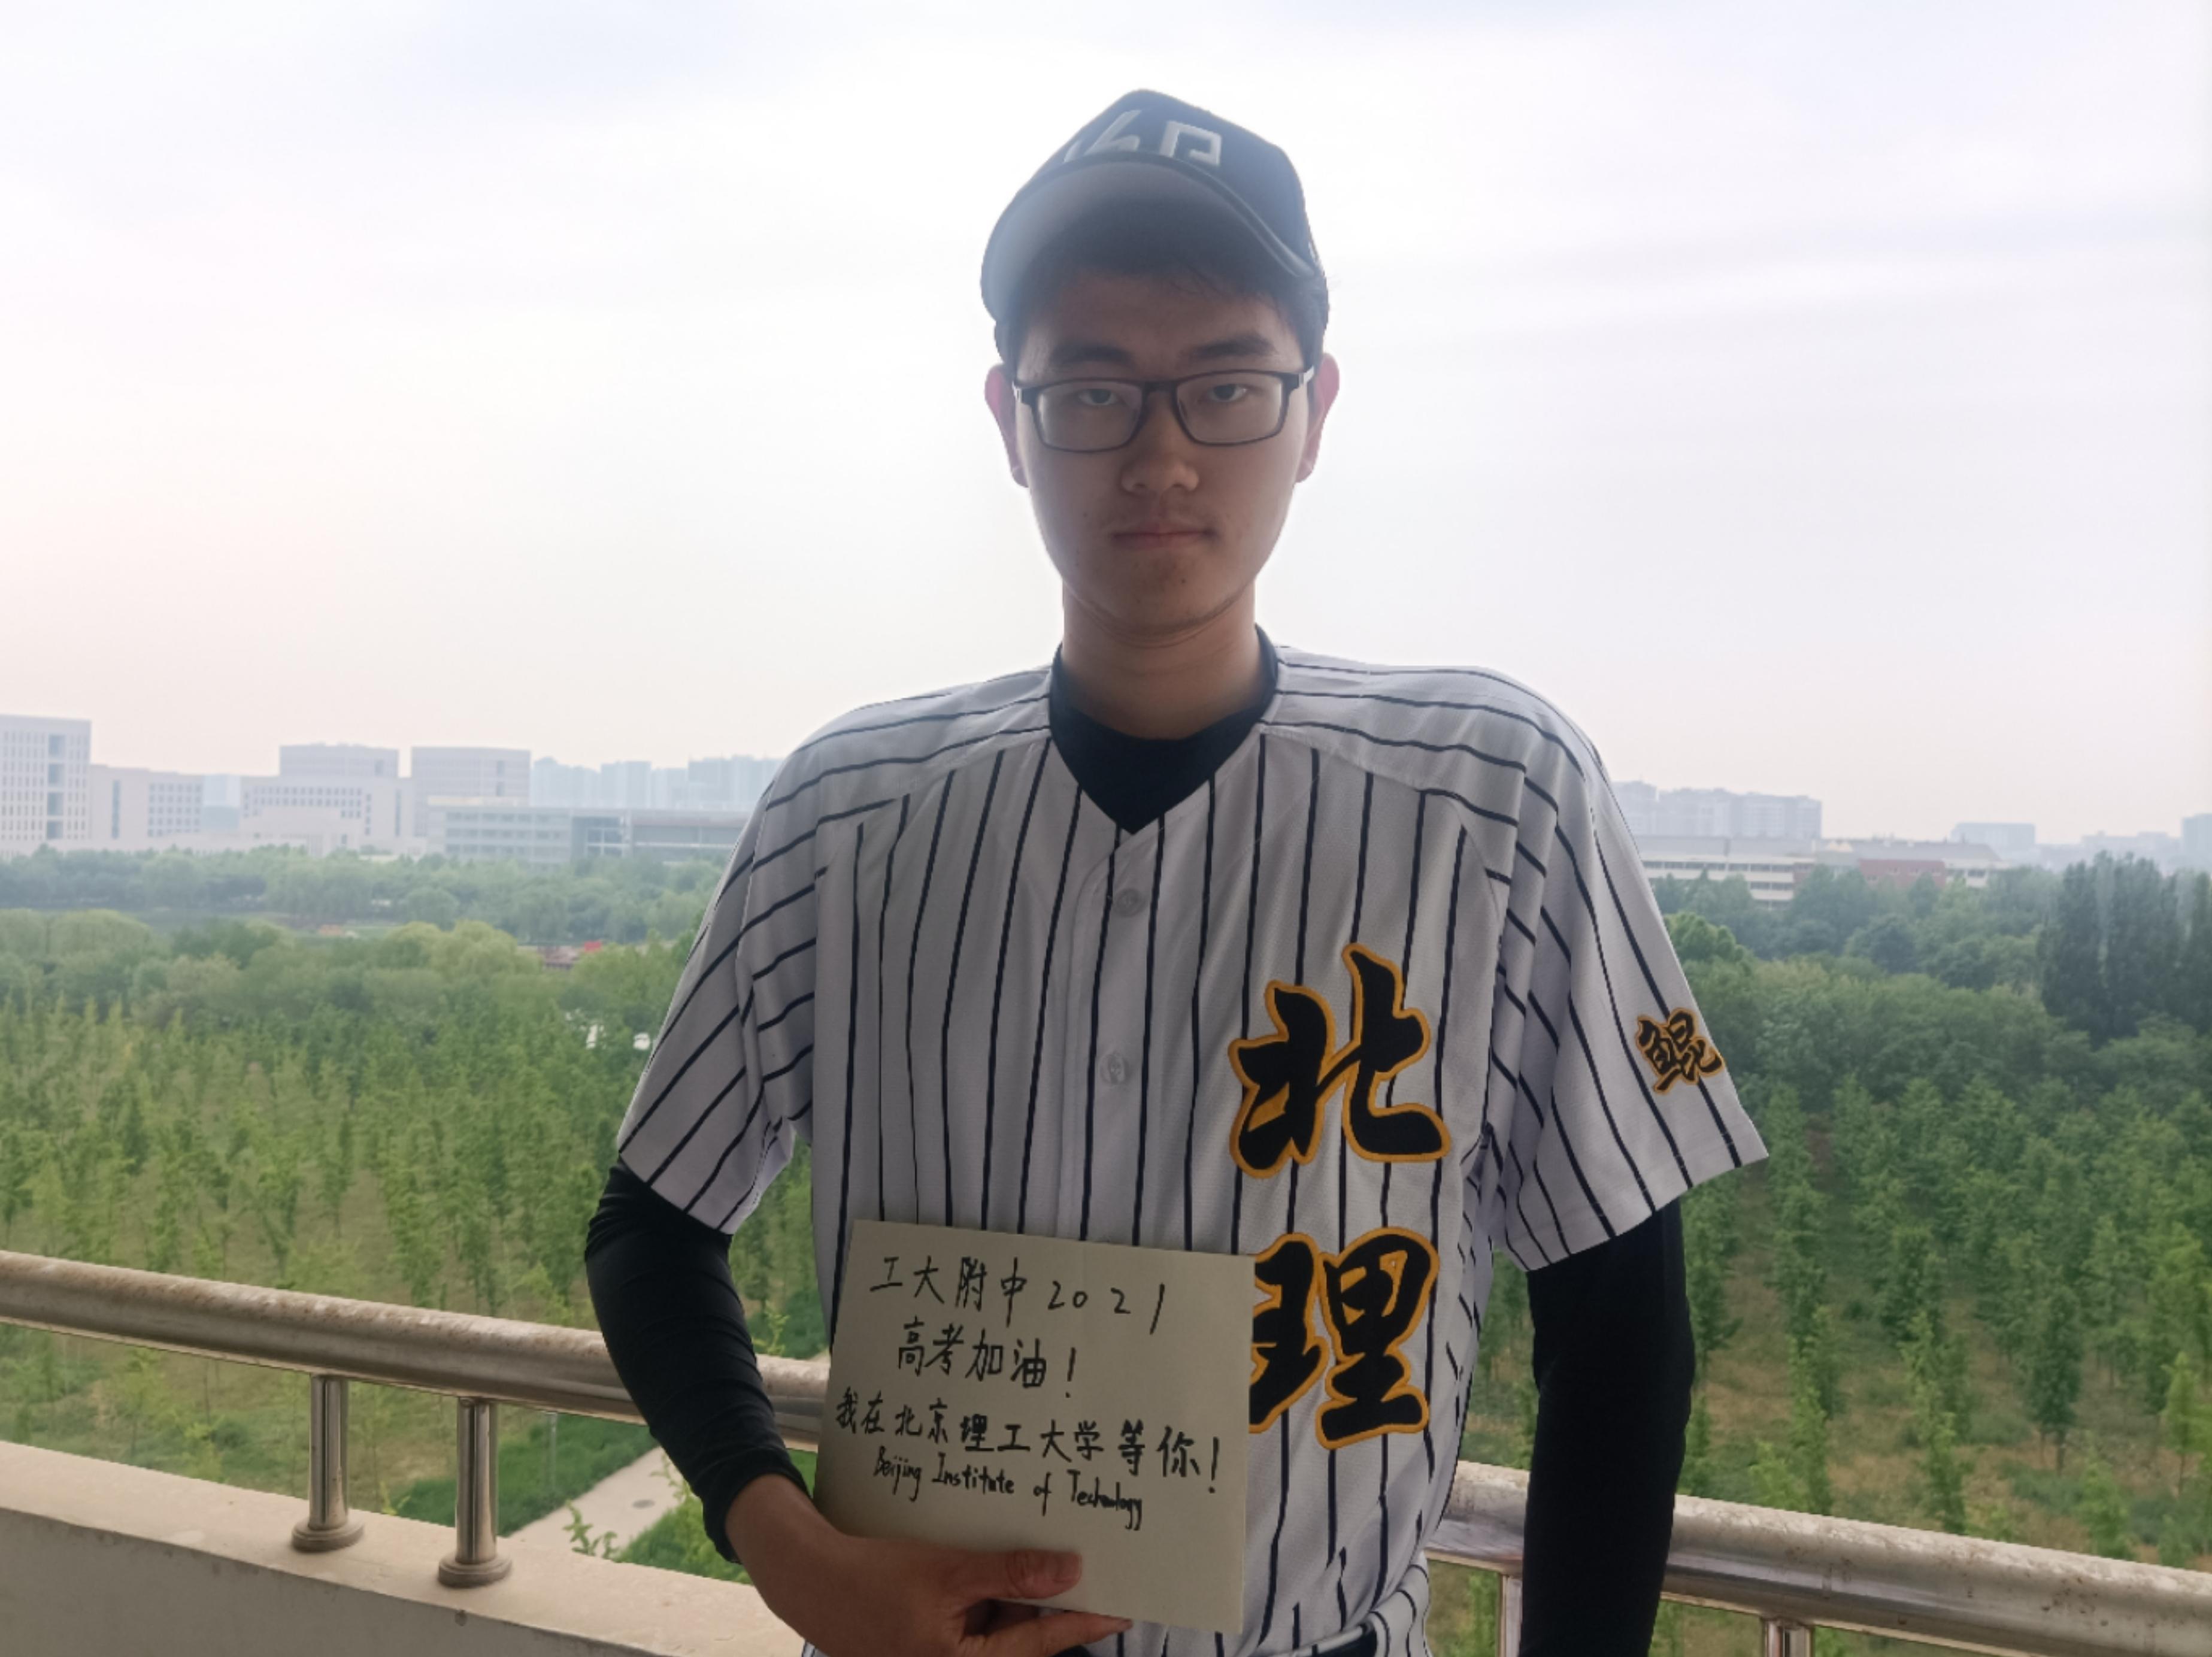 2020届北京理工大学黄元源.jpg